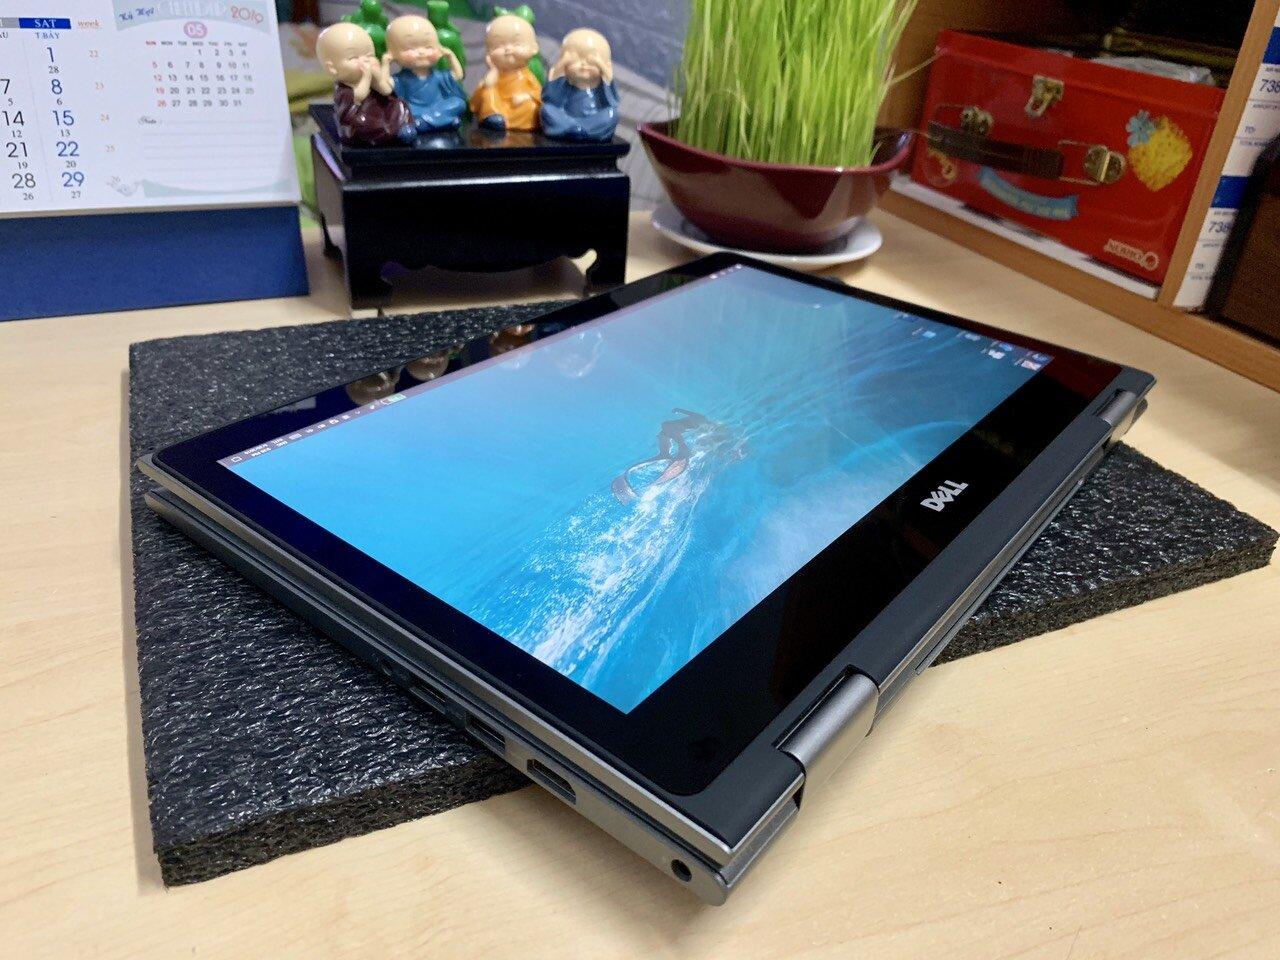 Thiết kế xoay 360 giúp laptop của bạn trở nên đa năng hơn